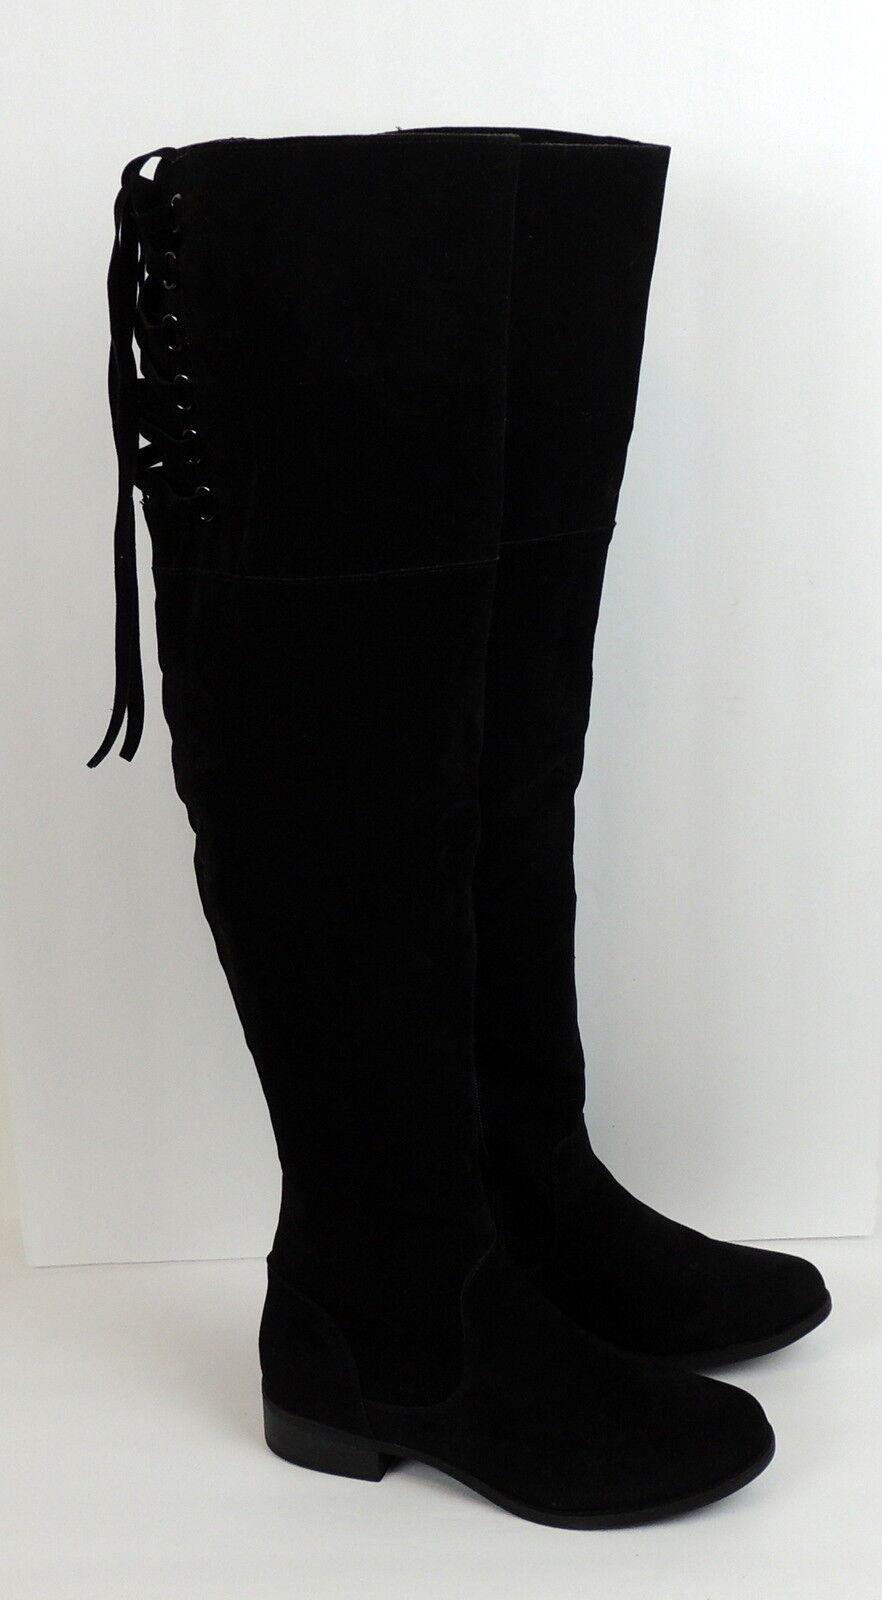 zapatosdazzle para mujer 7.5 MAYLA Negro Vegano alto del muslo botas Cosplay Corsé Cordones